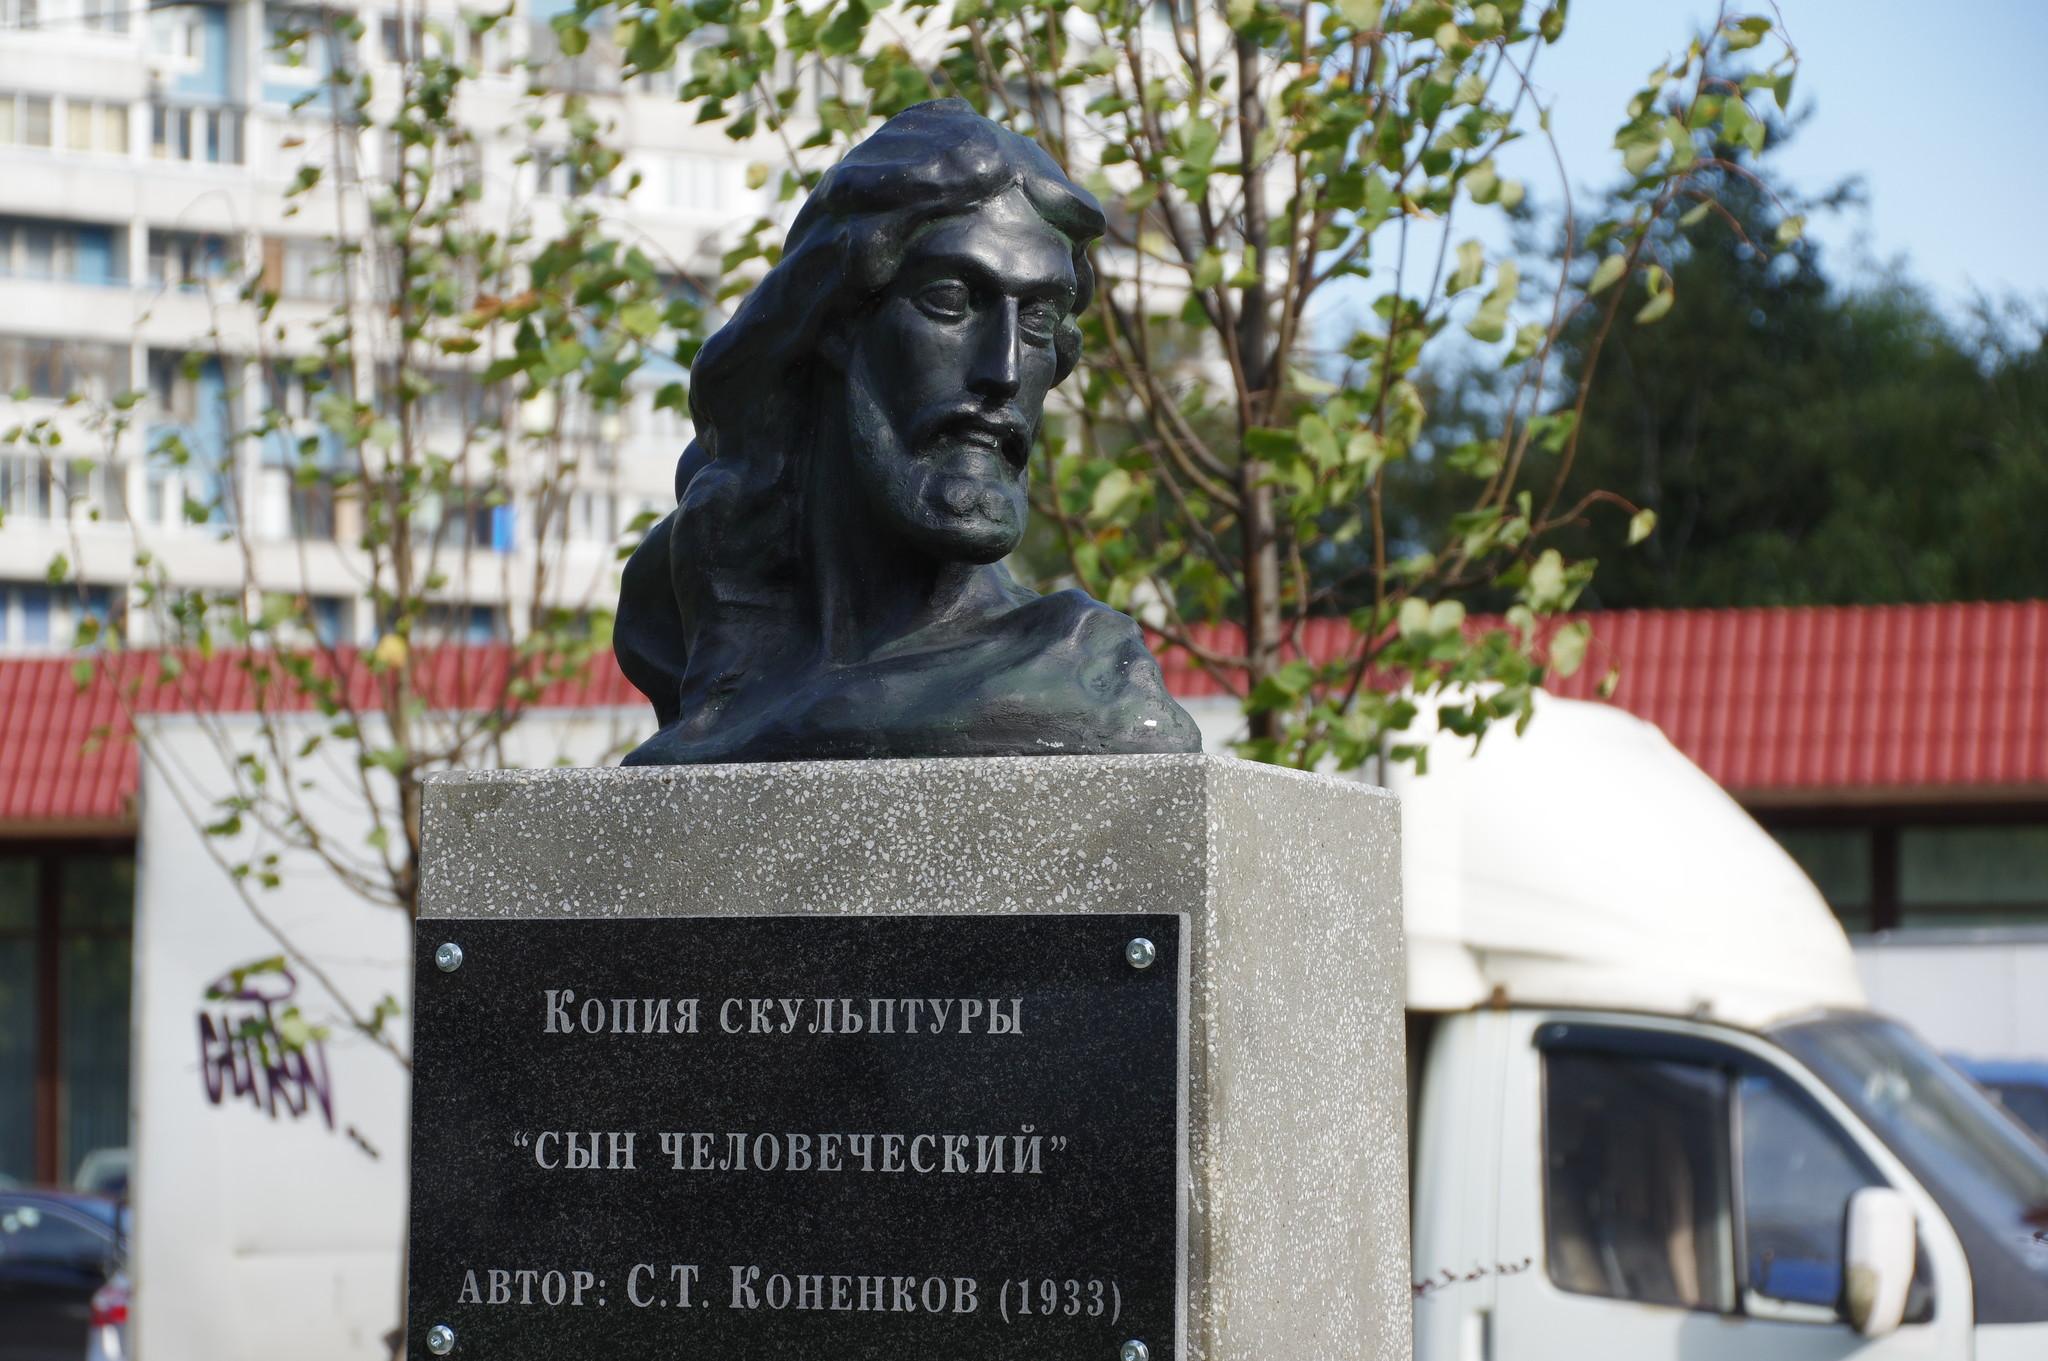 Копия скульпторы «Сын человеческий». Автор: Сергей Тимофеевич Конёнков (1933) на улице Конёнкова